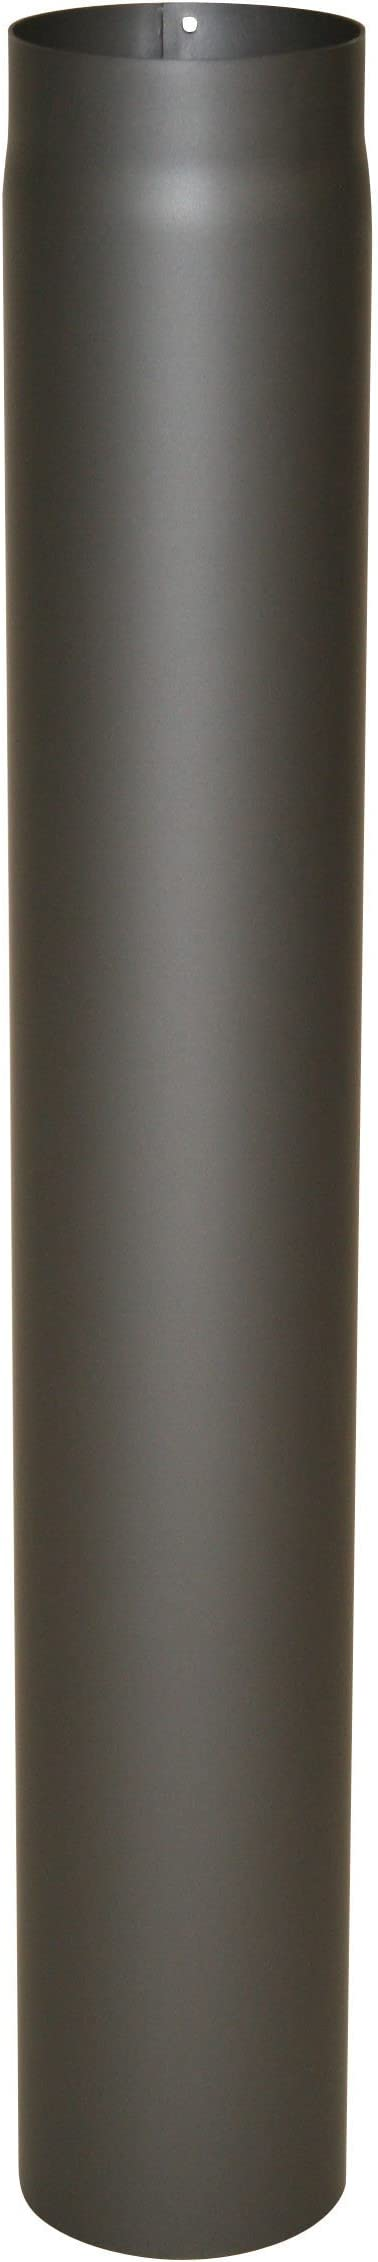 Kamino-Flam 331723 Senotherm Tuyau de po/êle Gris /Épaisseur 2 mm Diam/ètre 120 mm Longueur 1000 mm